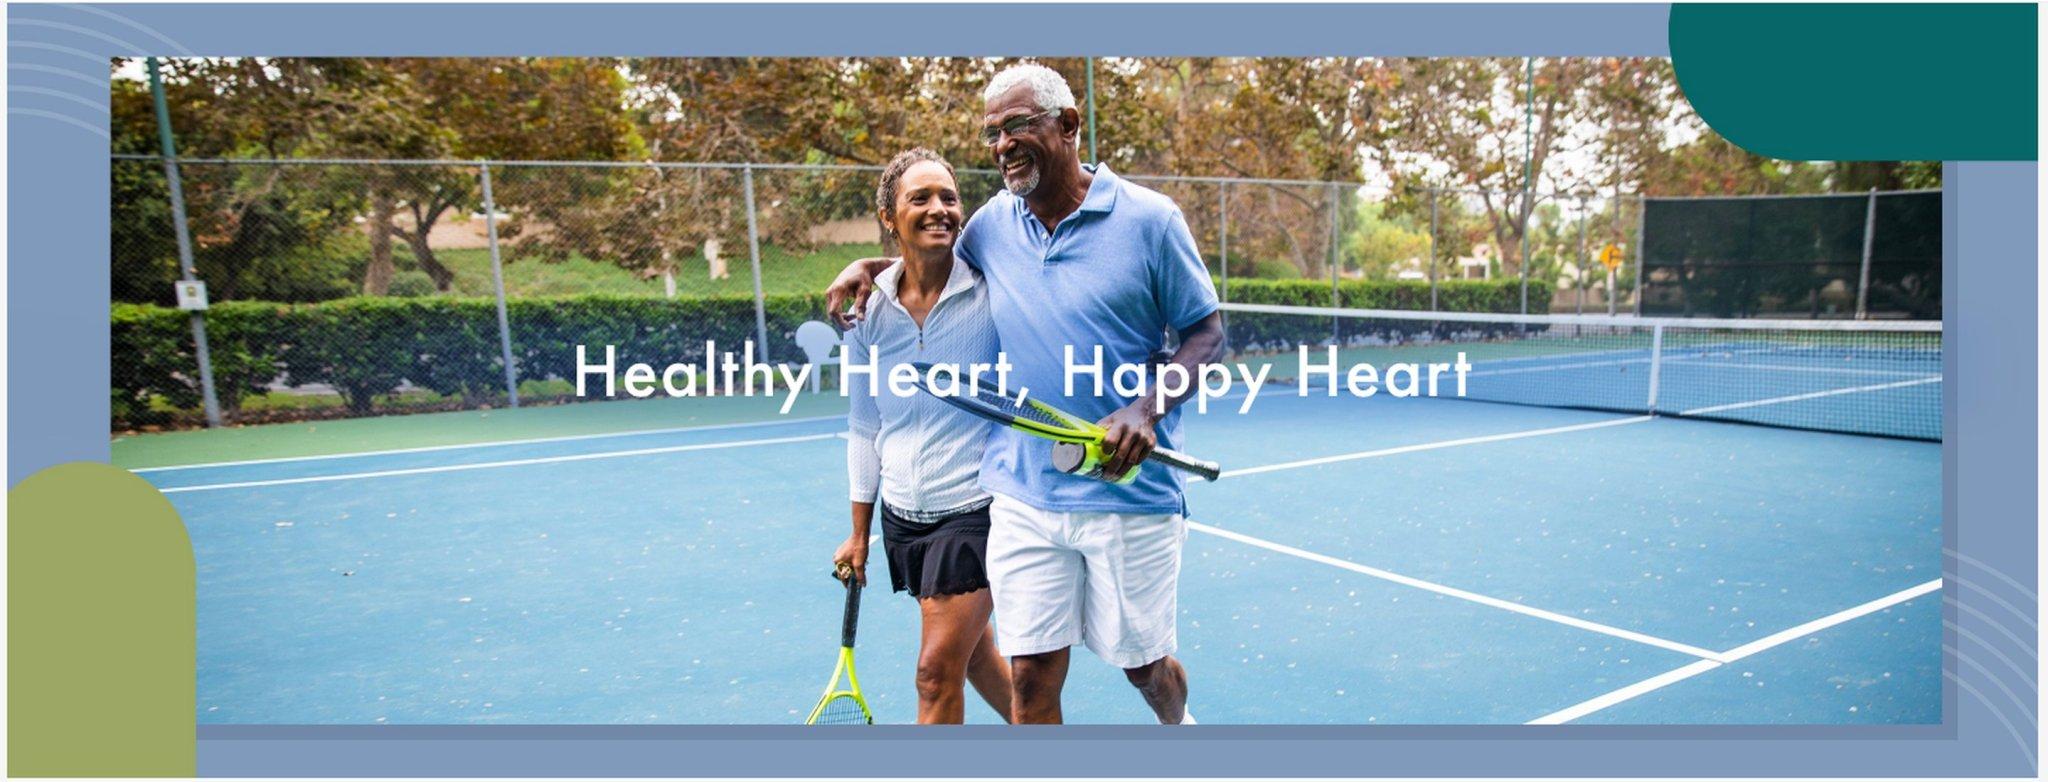 Healthy Heart, Happy Heart | Livestrong.com